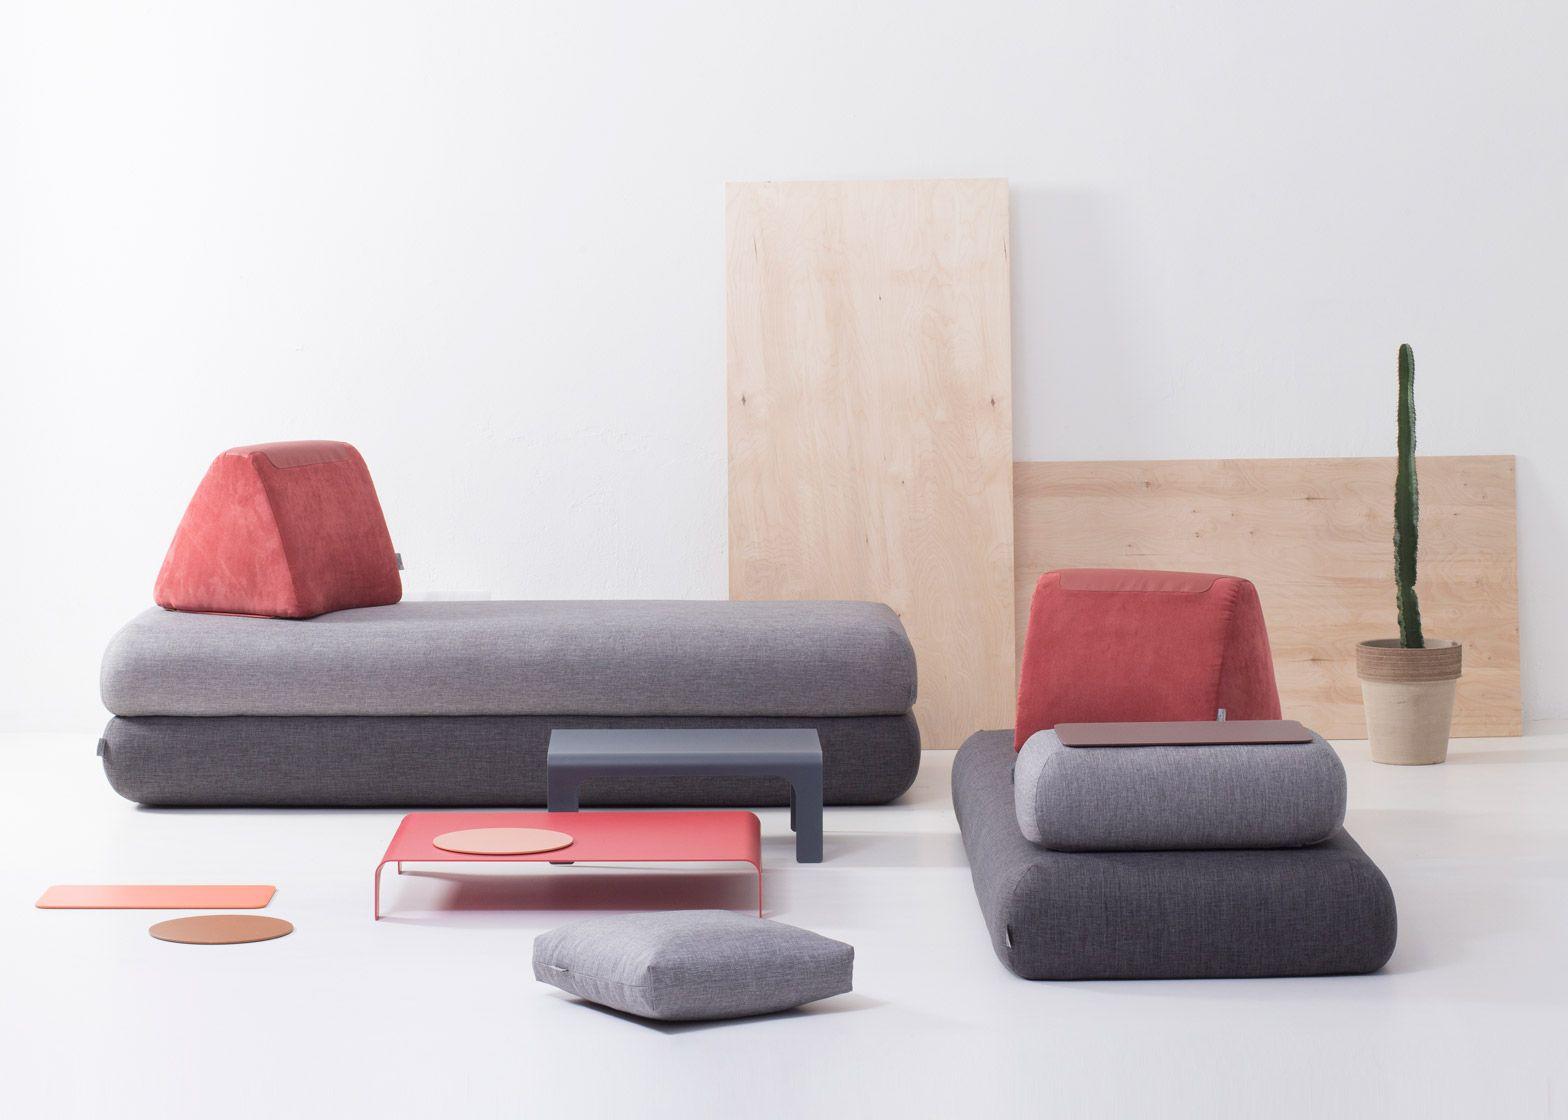 Las tendencias en los muebles: multifuncionales y nómadas